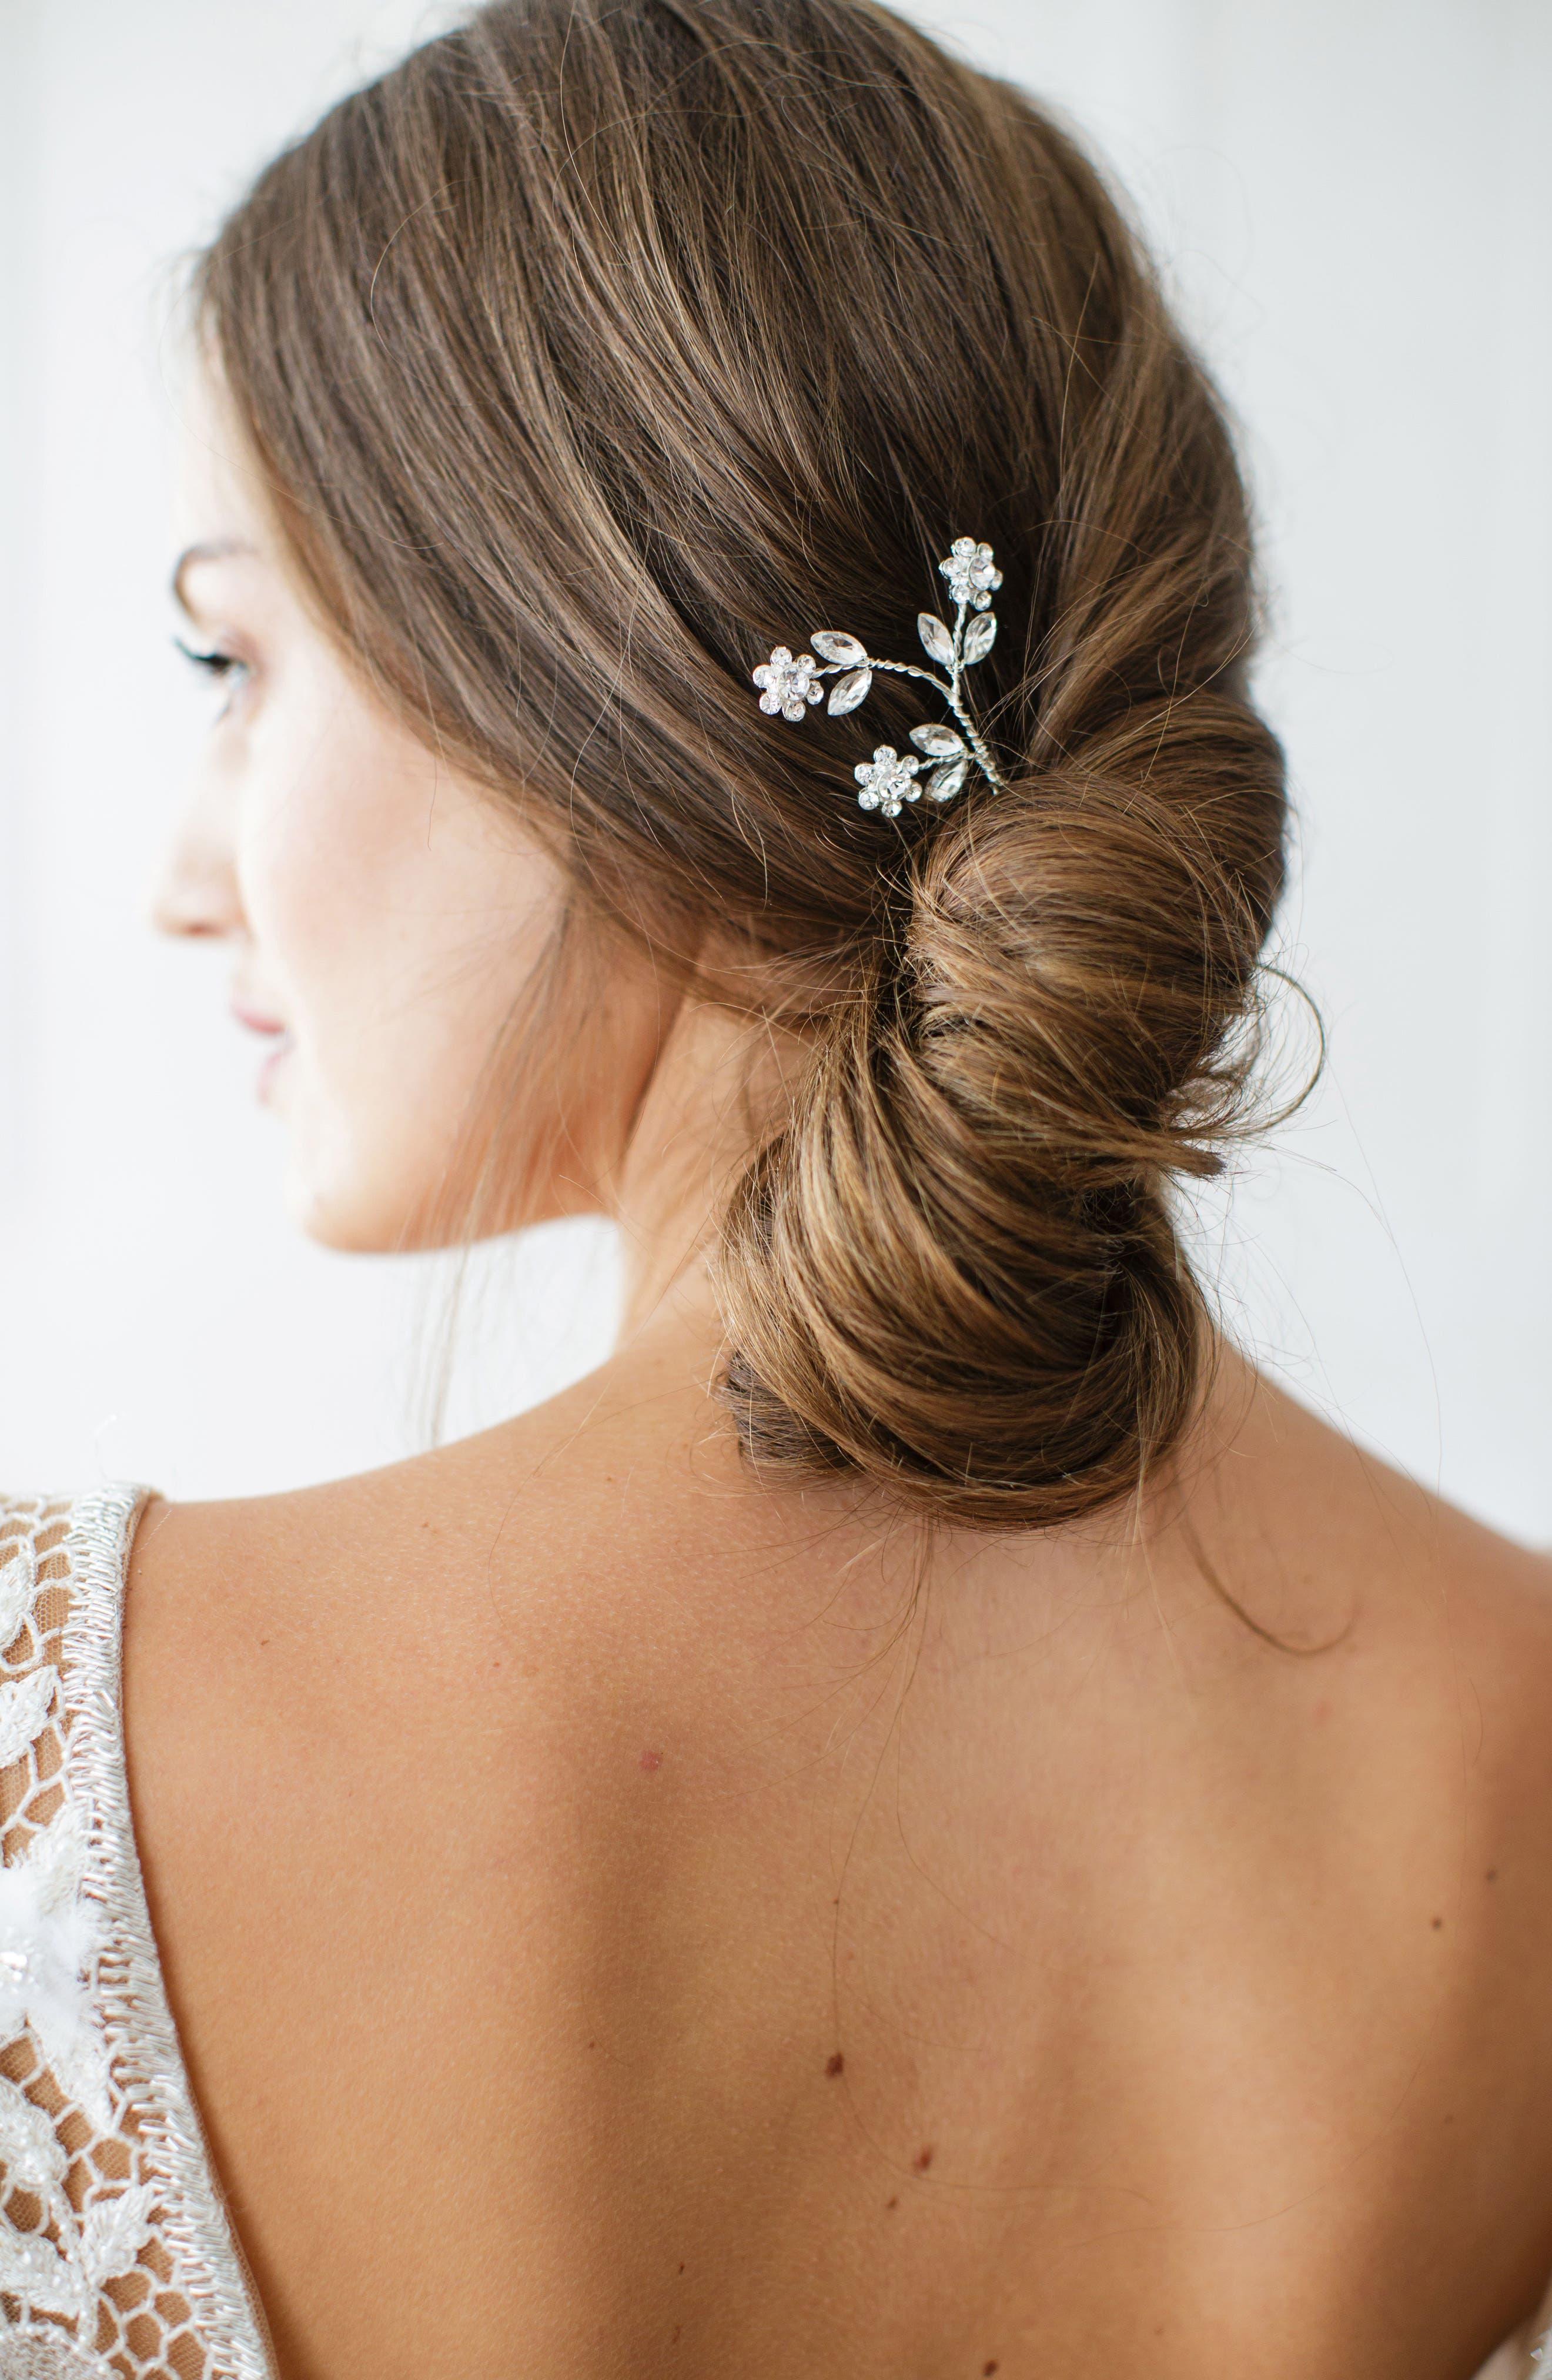 Main Image - Brides & Hairpins Ameenah Floral Crystal Pin